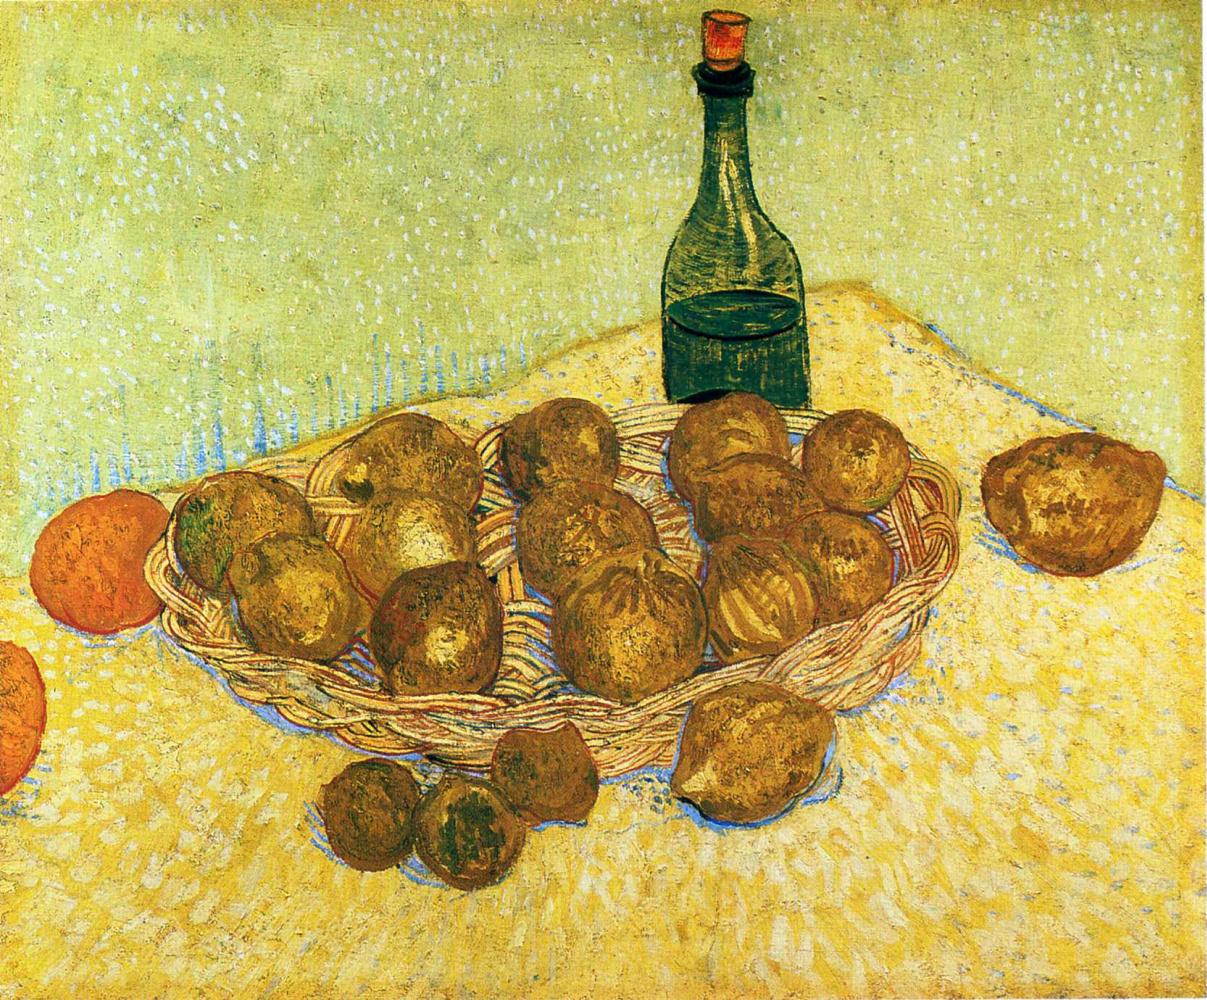 Винсент Ван Гог. Натюрморт с  бутылкой, лимонами и апельсинами